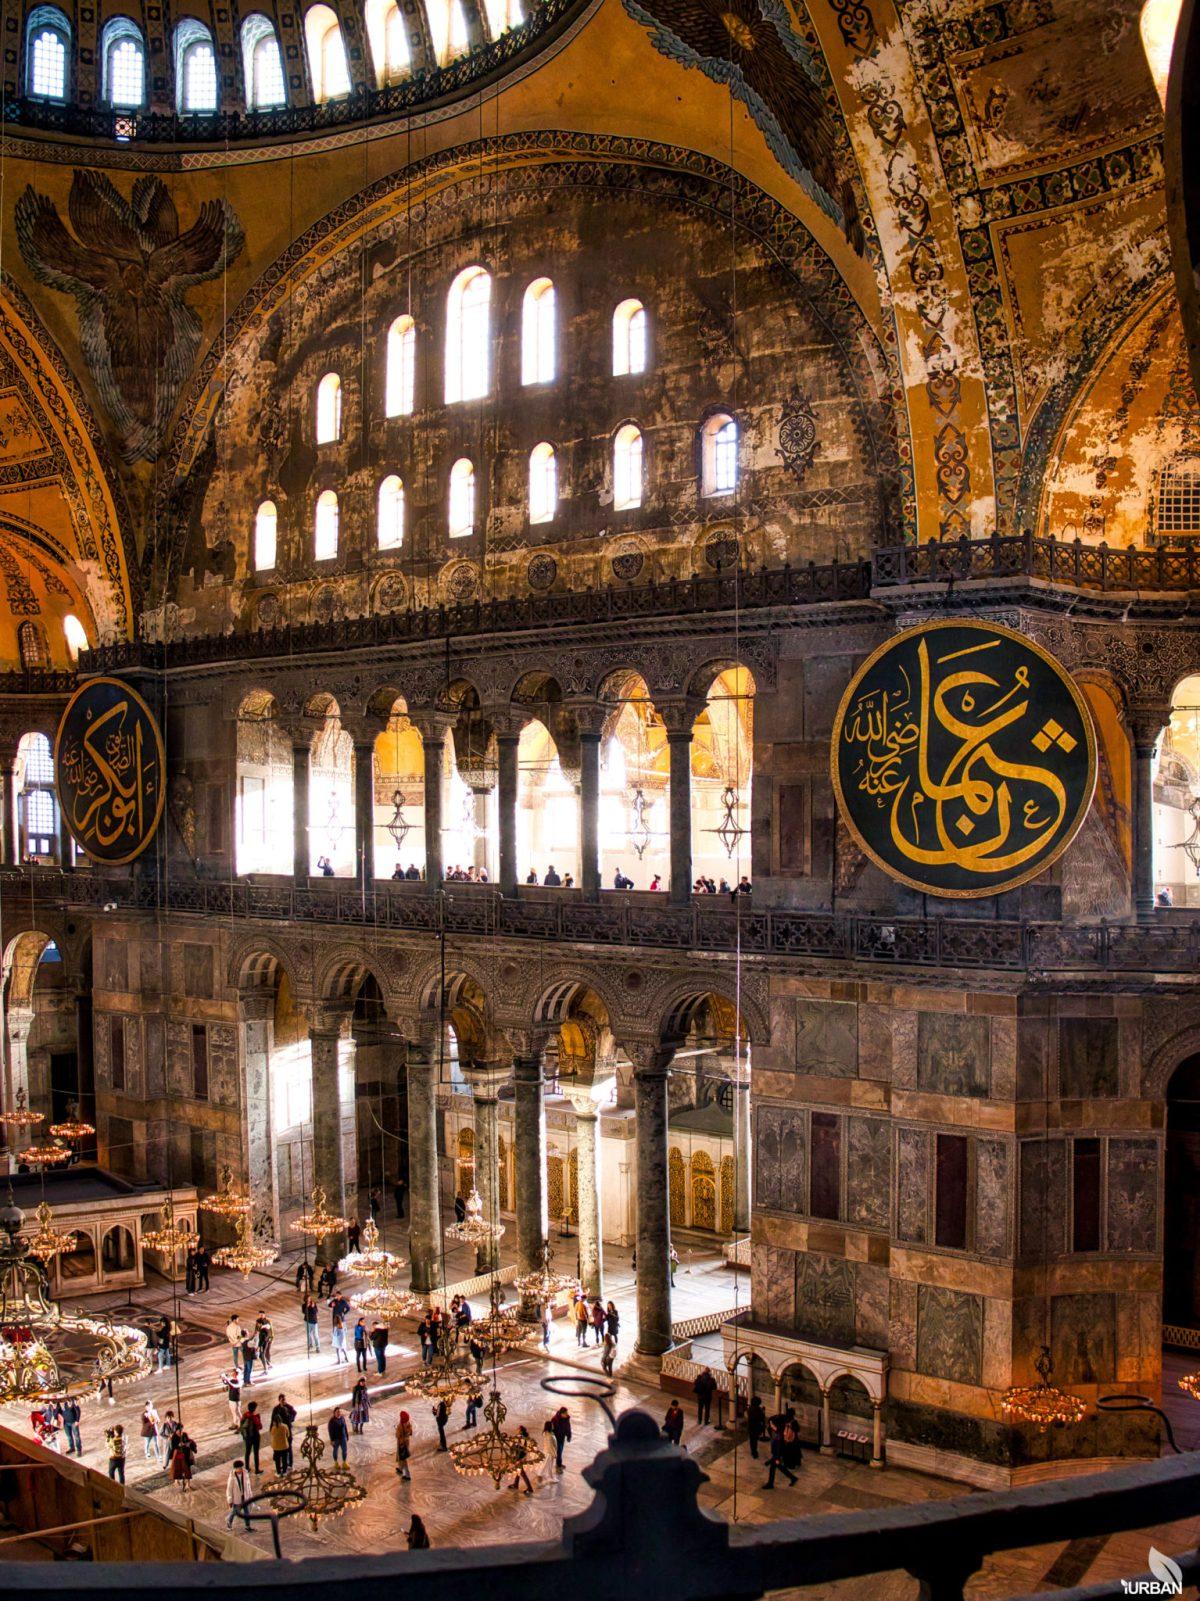 """16 เหตุผลทำไมคุณควรไป """"เที่ยวตุรกี"""" สักครั้งในชีวิต 31 - AP (Thailand) - เอพี (ไทยแลนด์)"""